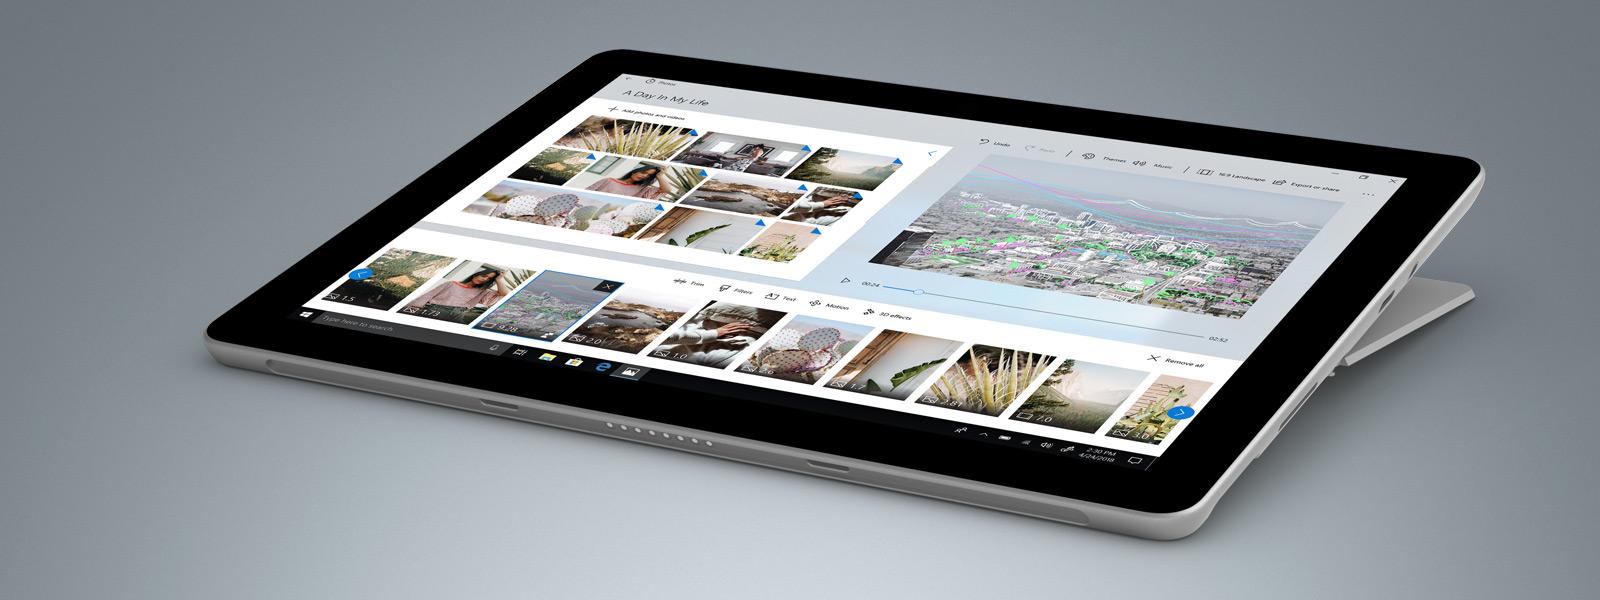 Surface Go with Photos app